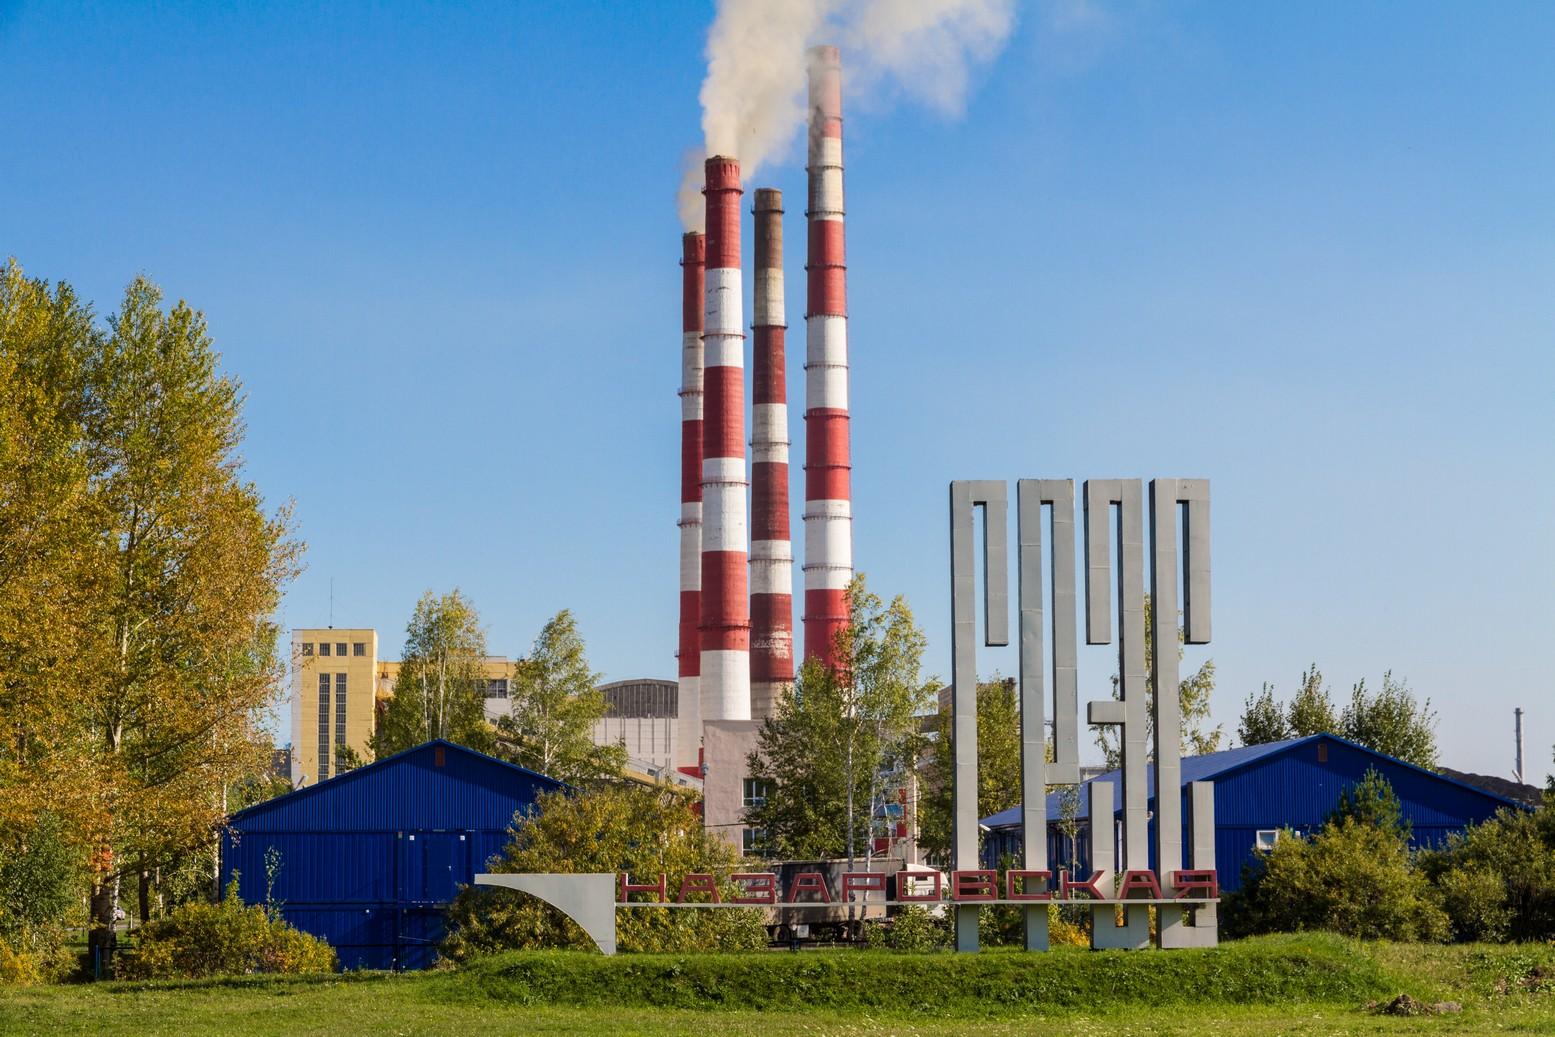 Назаровская ГРЭС является одним из крупнейших производителей электрической энергии в Сибири. Через ее территорию проходит линия электропередачи 500 кВ, передающая электроэнергию в Красноярск, города Красноярского края Ачинск, Ужур, Лесосибирск и в соседние регионы: Кузбасс, Республику Хакасию и Республику Тыву